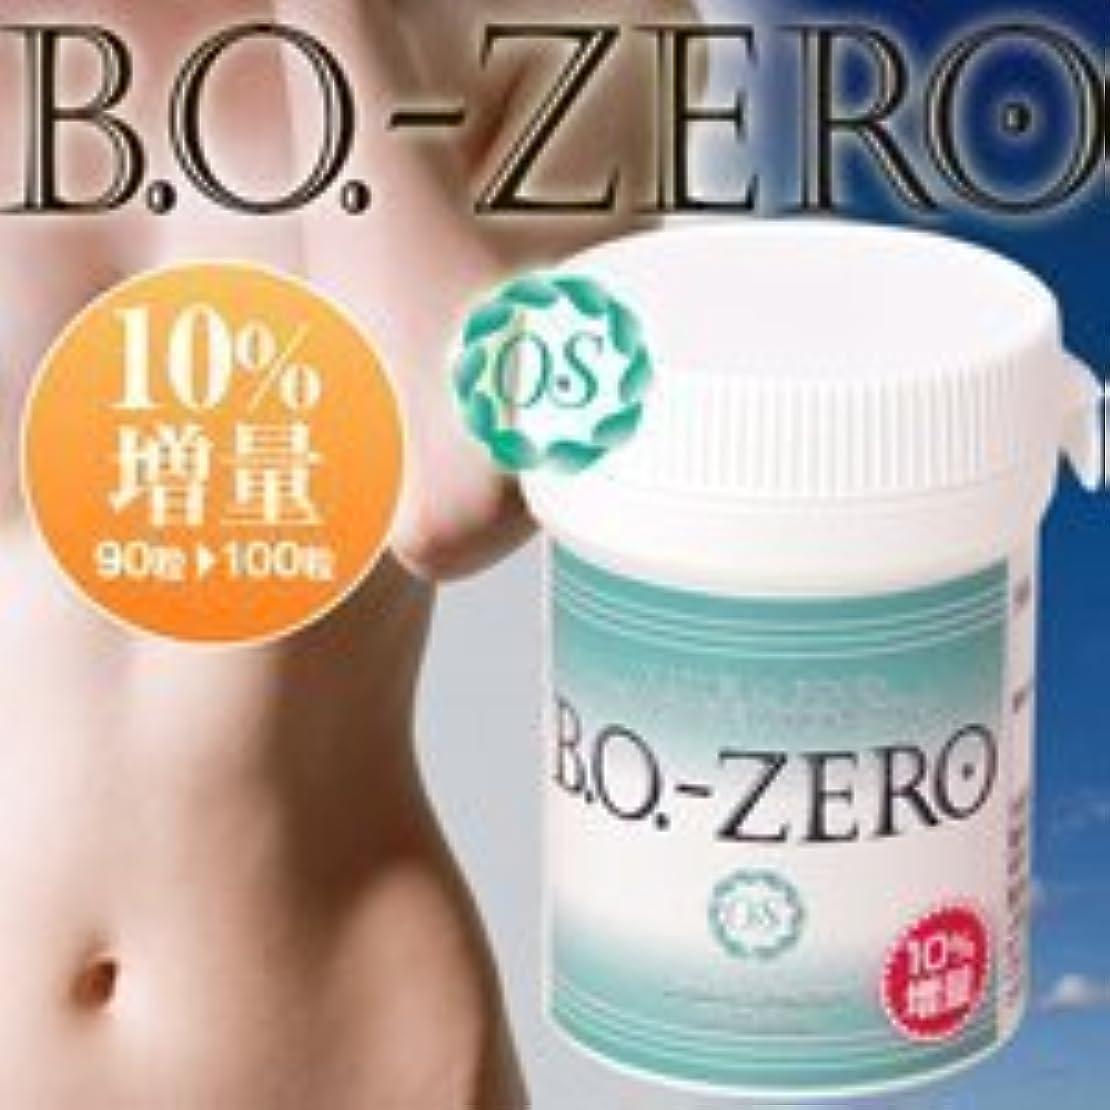 文献収容する反対したBO ZERO (ビーオー ゼロ) 10%増量×2個セット?  体臭 口臭 汗臭 ワキガ などの対策に